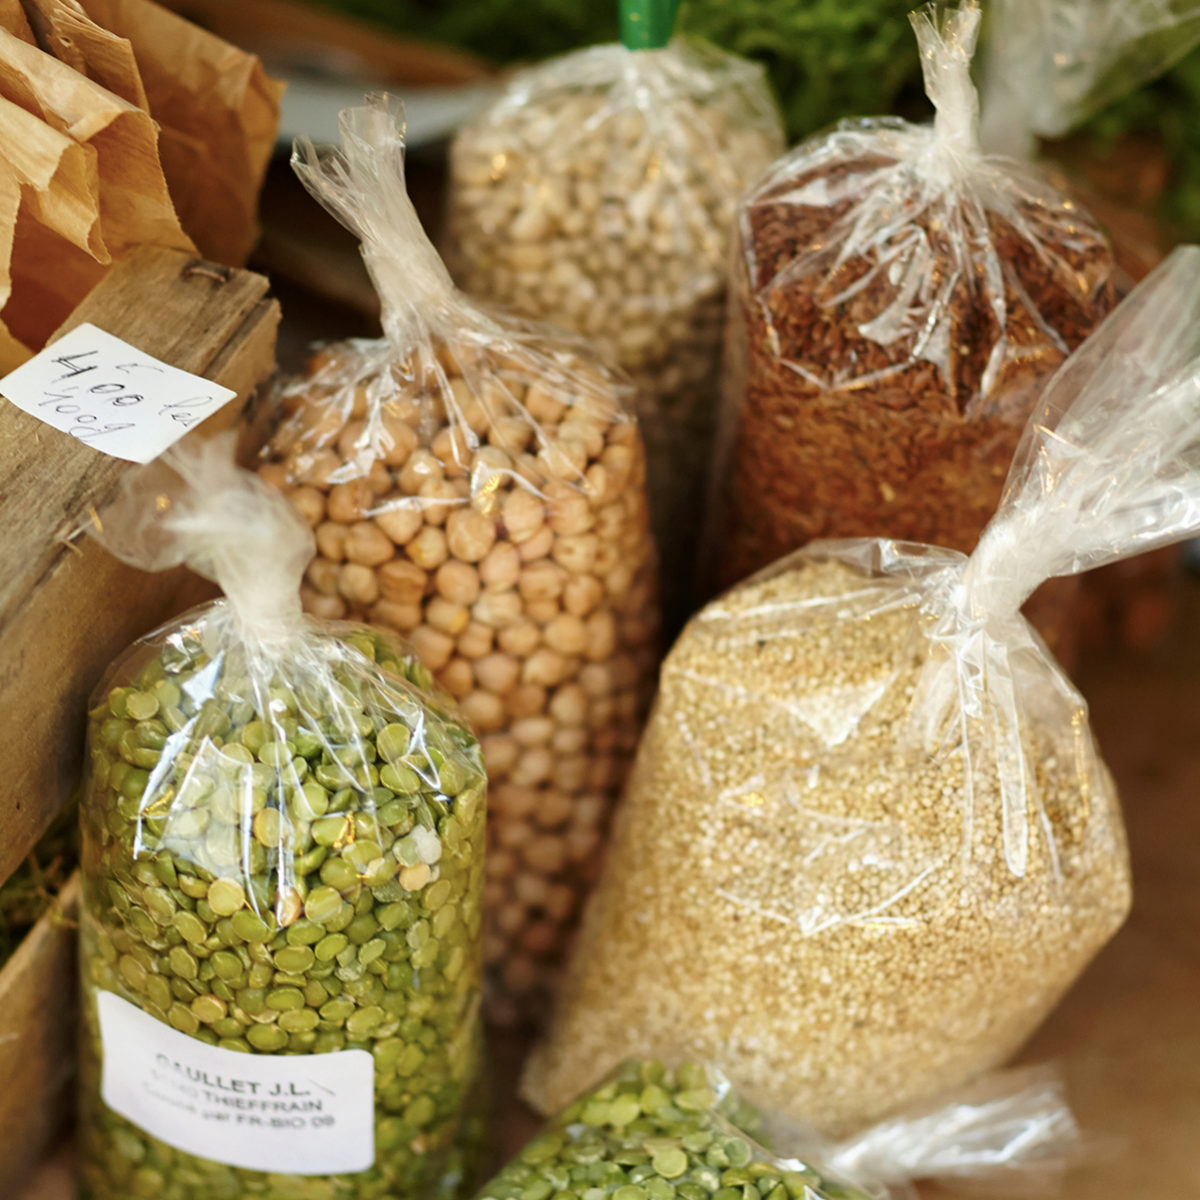 Las legumbres son necesarias para reducir el estrés